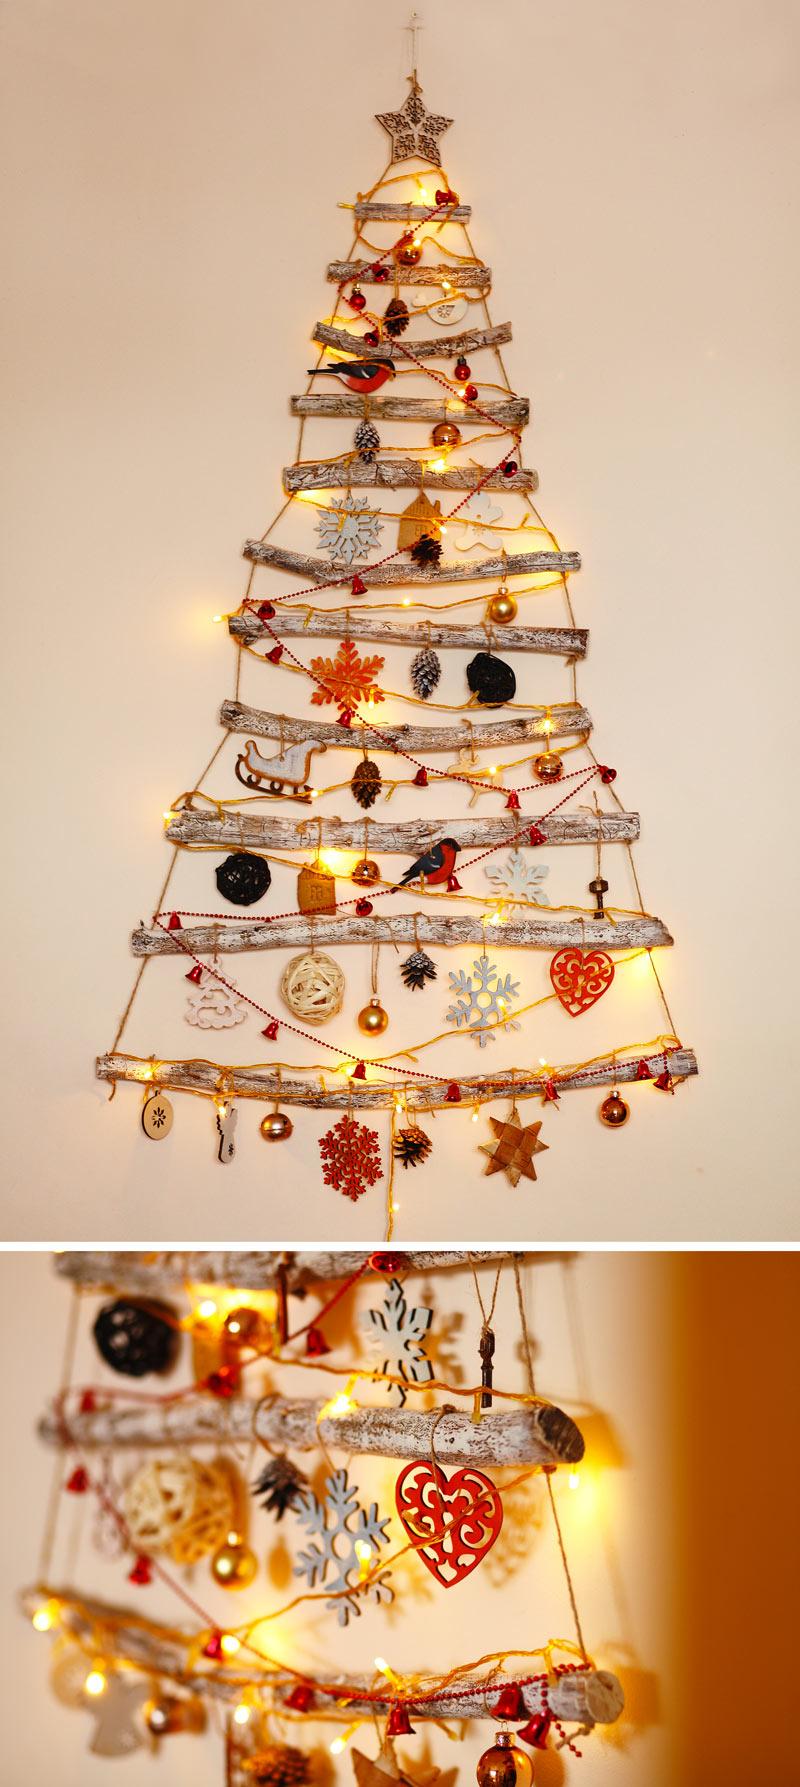 Lavoretti In Legno Per Natale addobbi natalizi con legno di recupero: 24 idee fai da te da